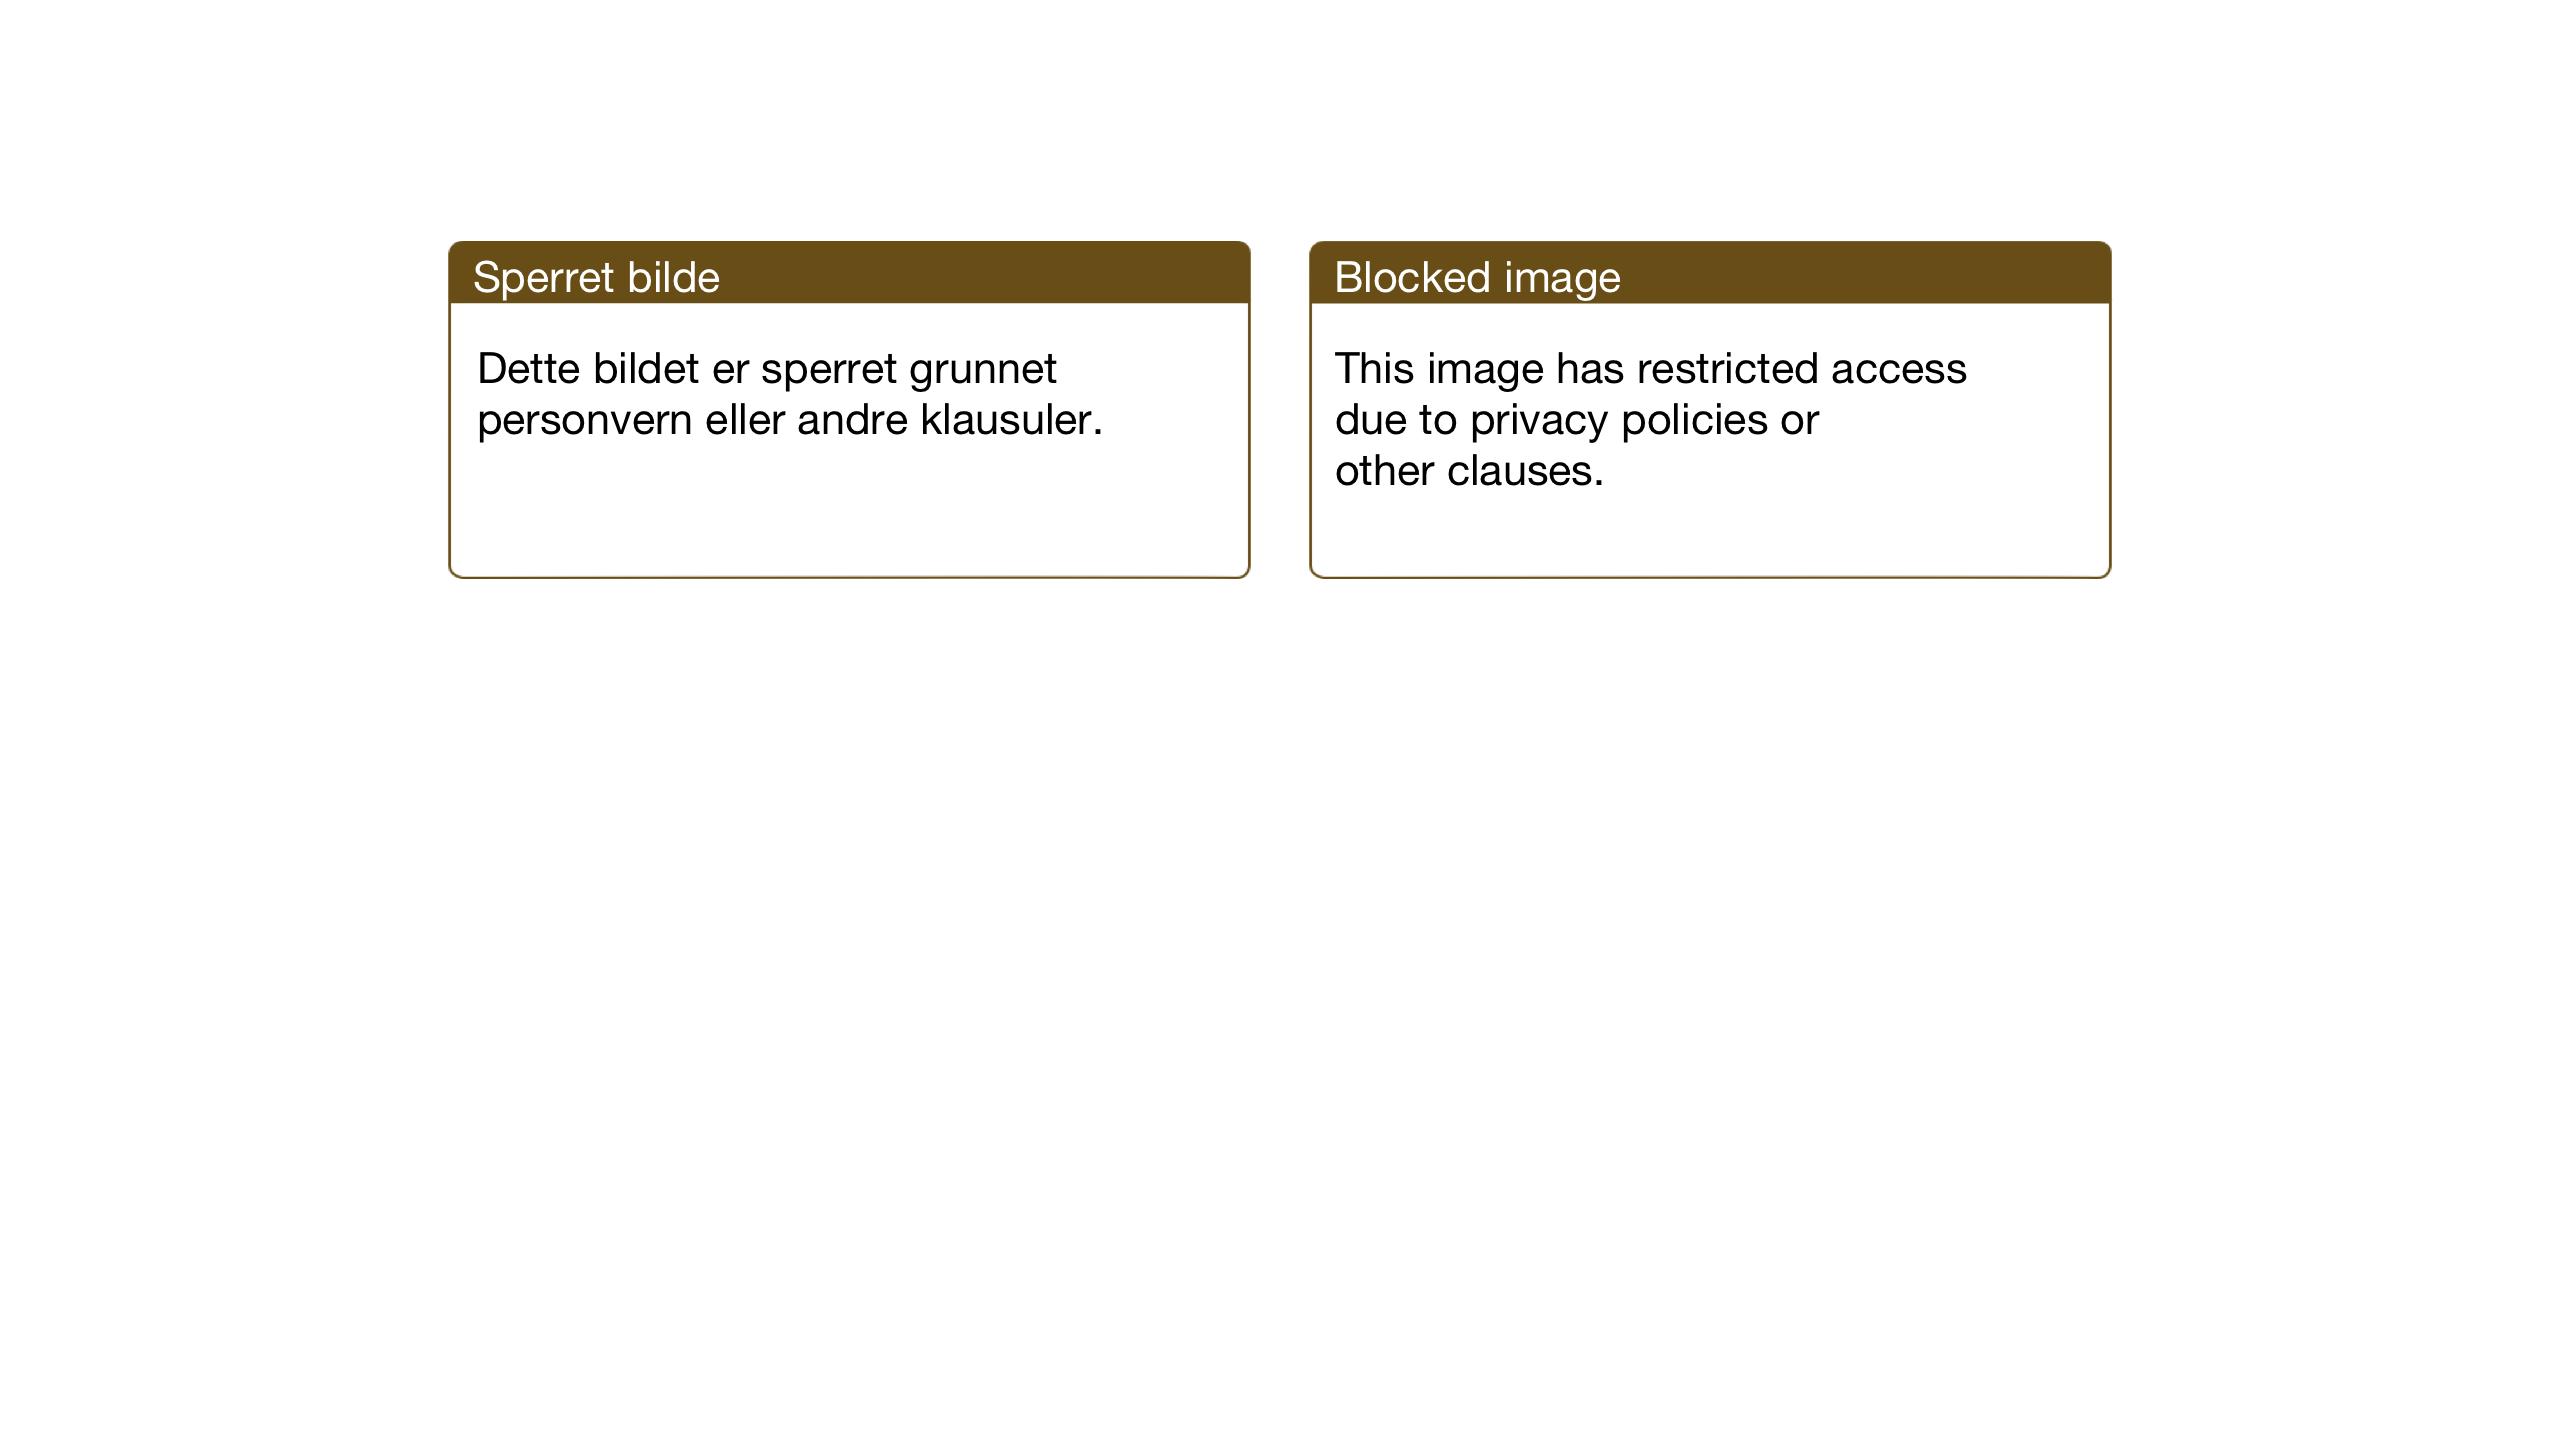 SAT, Ministerialprotokoller, klokkerbøker og fødselsregistre - Sør-Trøndelag, 672/L0866: Klokkerbok nr. 672C05, 1929-1939, s. 70